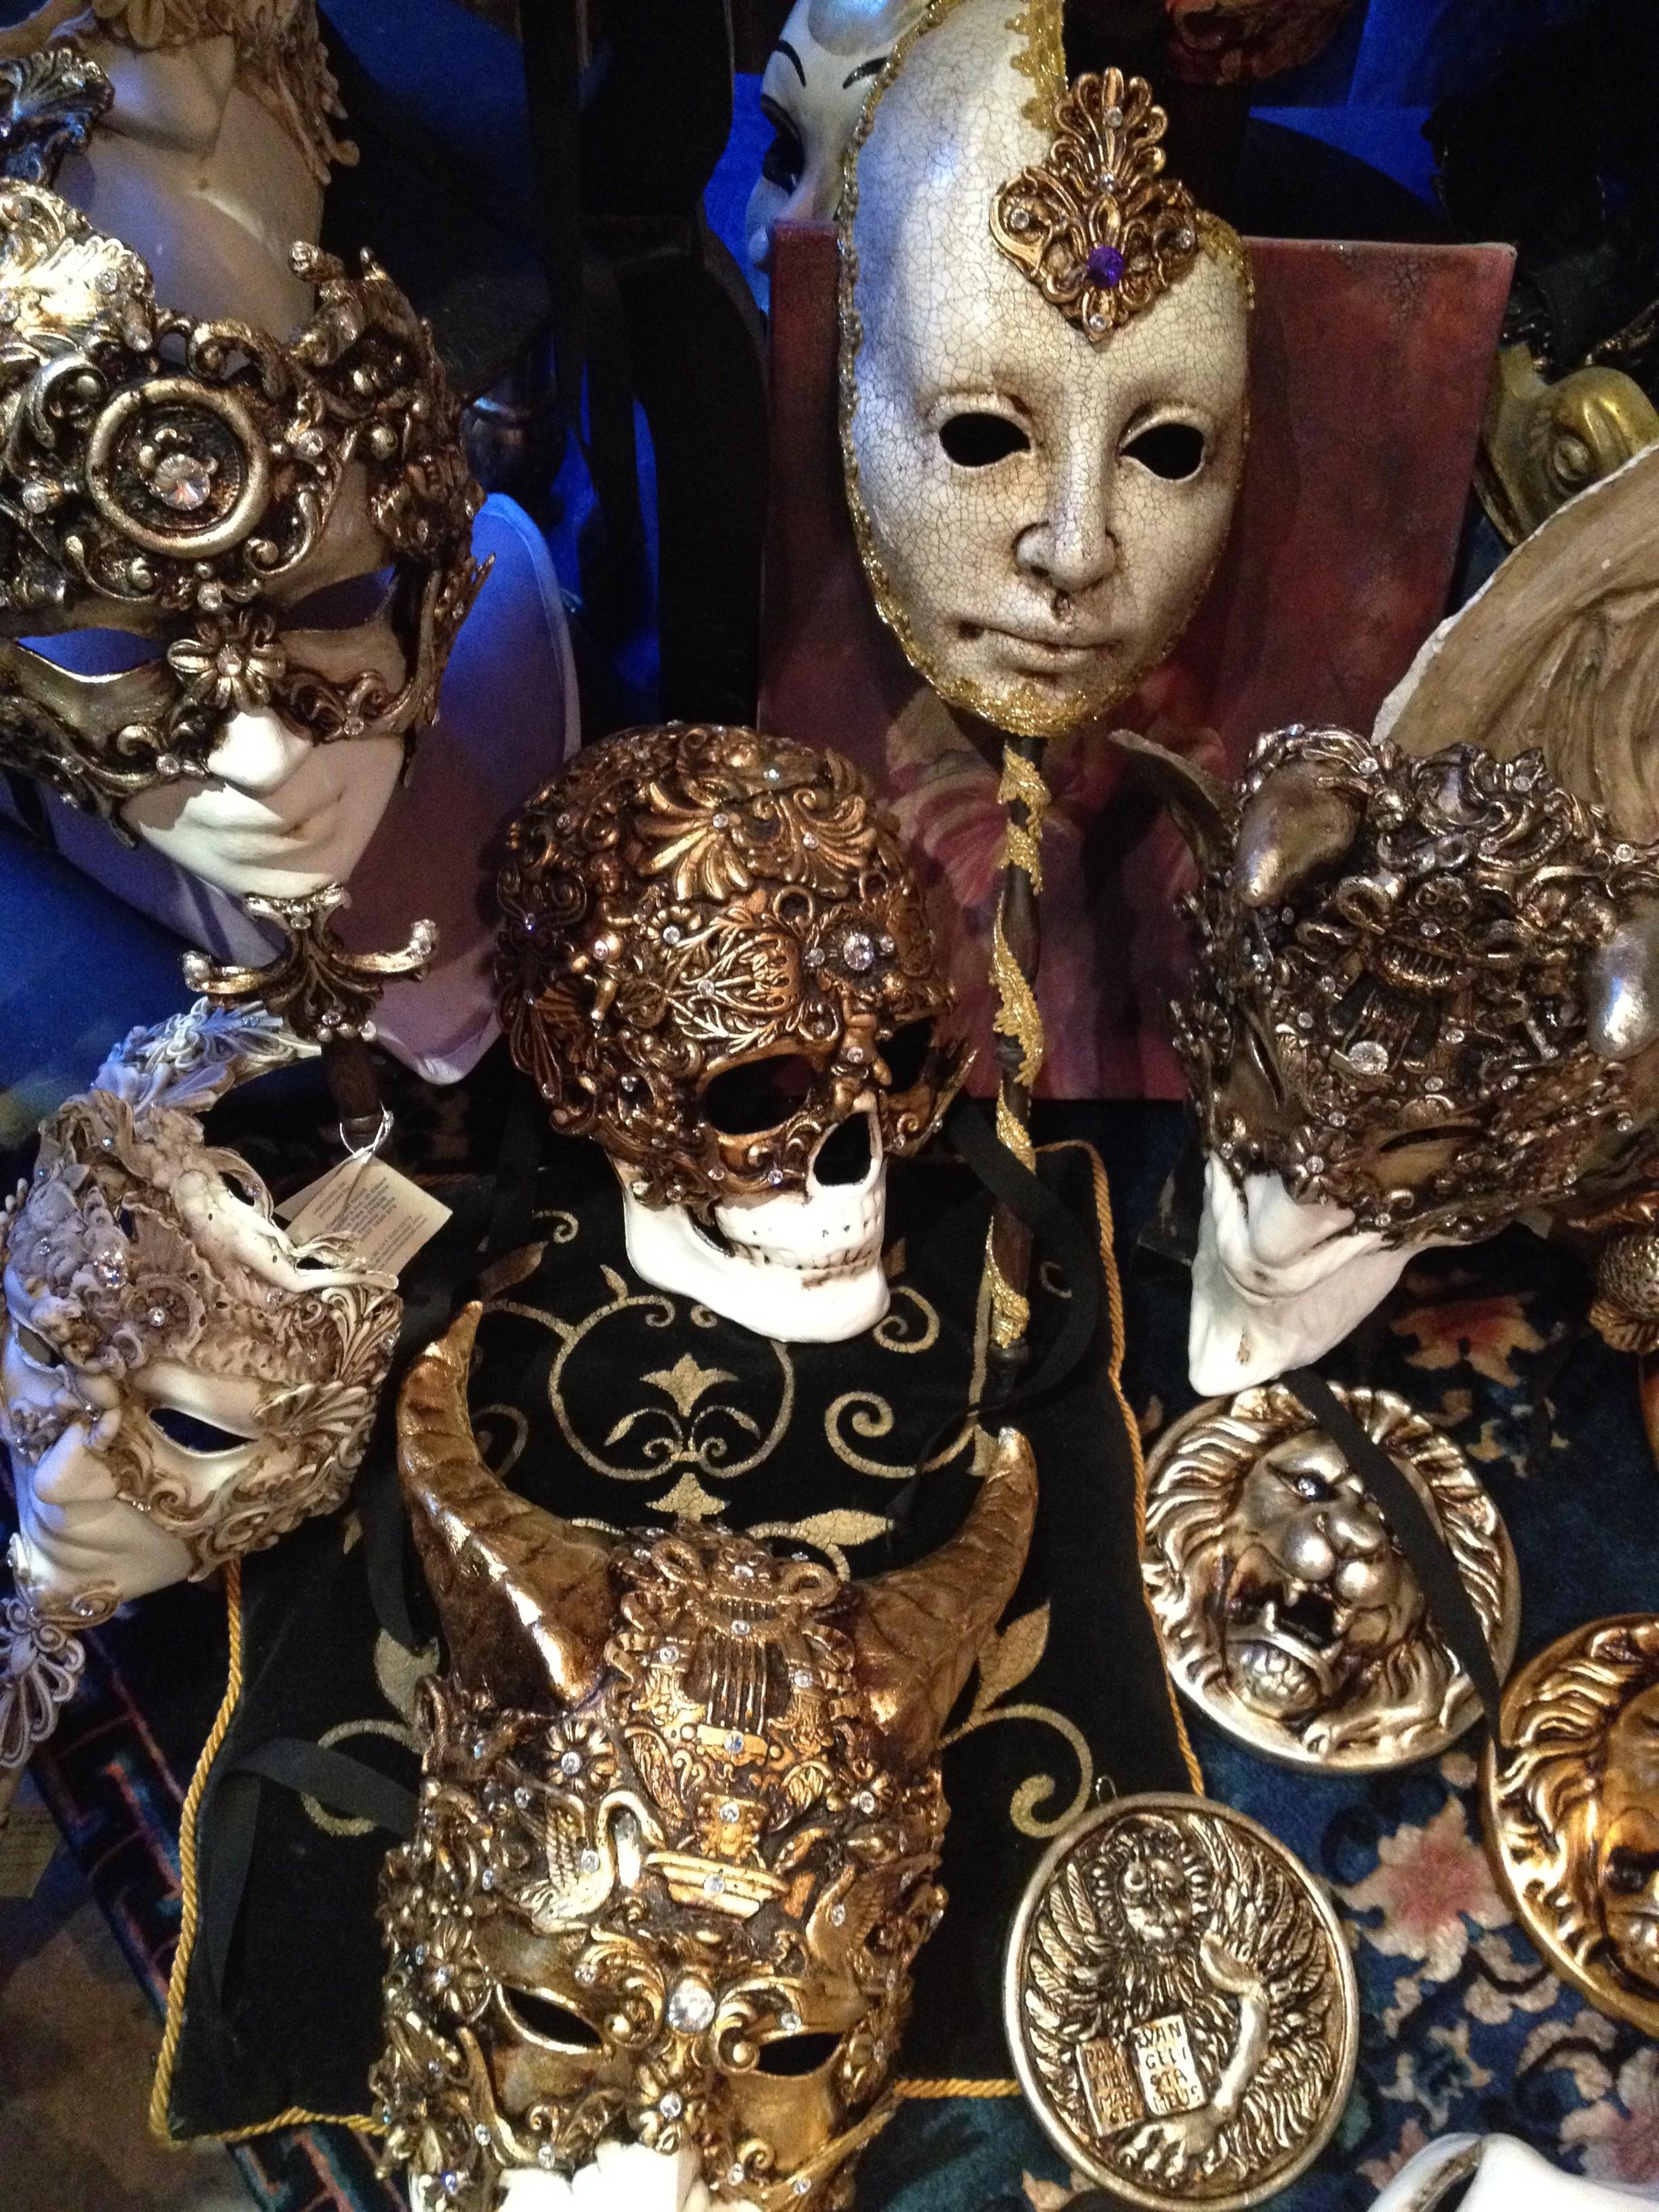 Venice_Masks_Skull (DeenaDanielle)